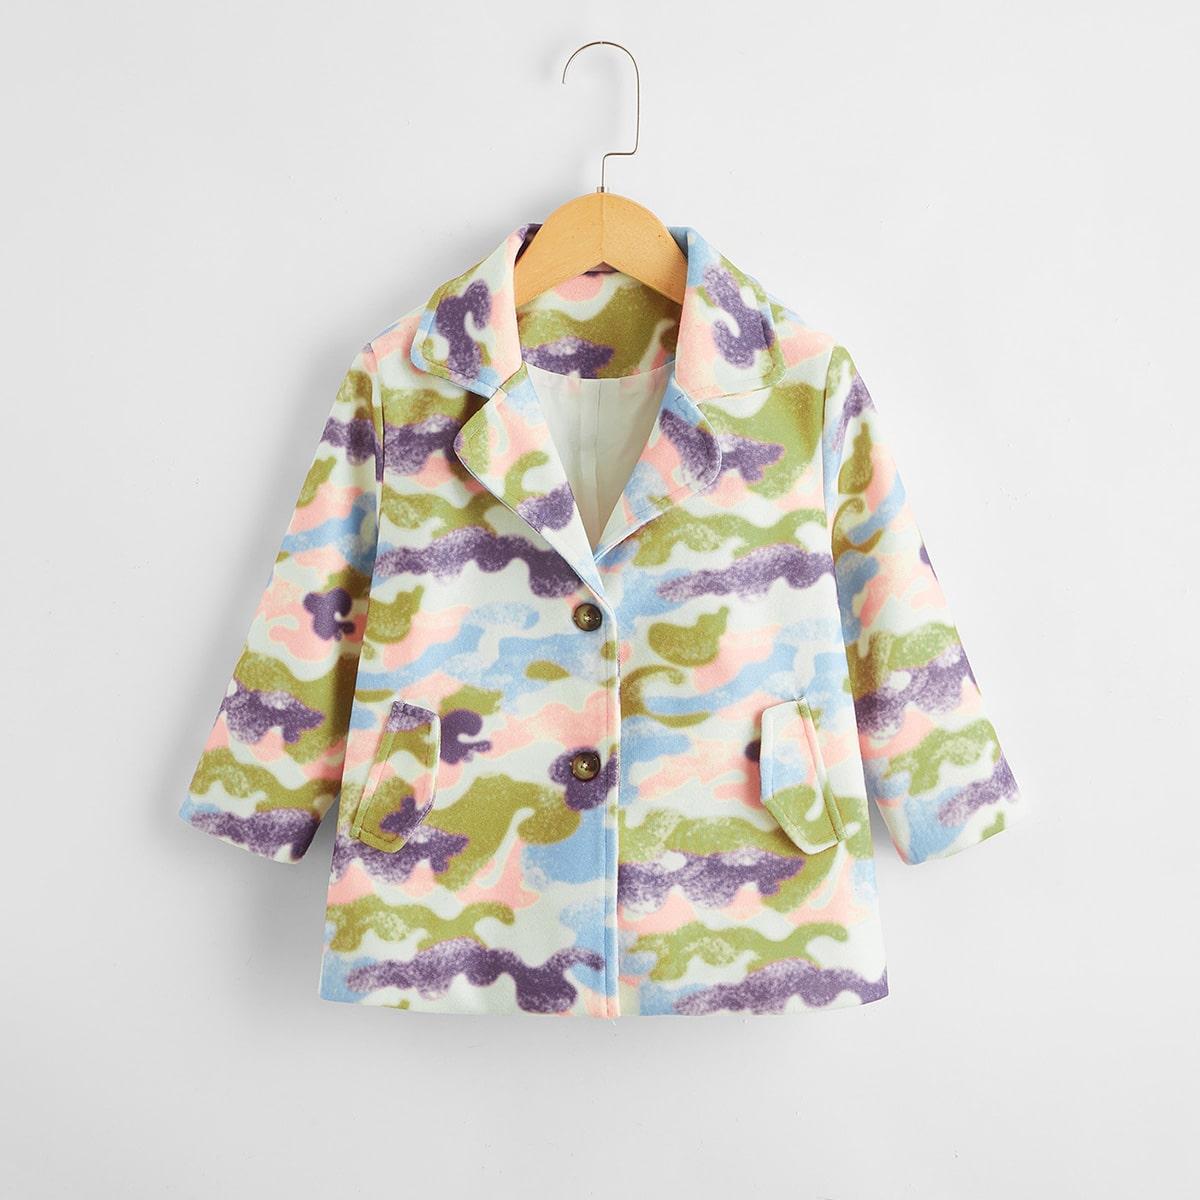 Однобортный принт всего тела повседневный пальто для маленьких девочек